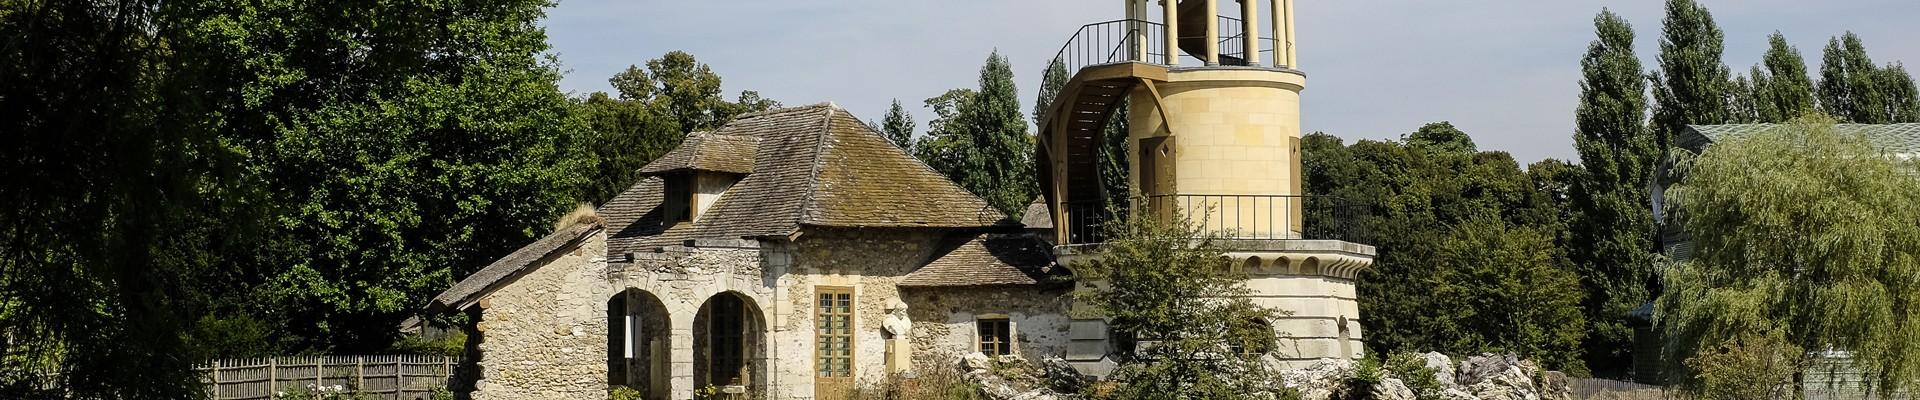 versailles-estate-122